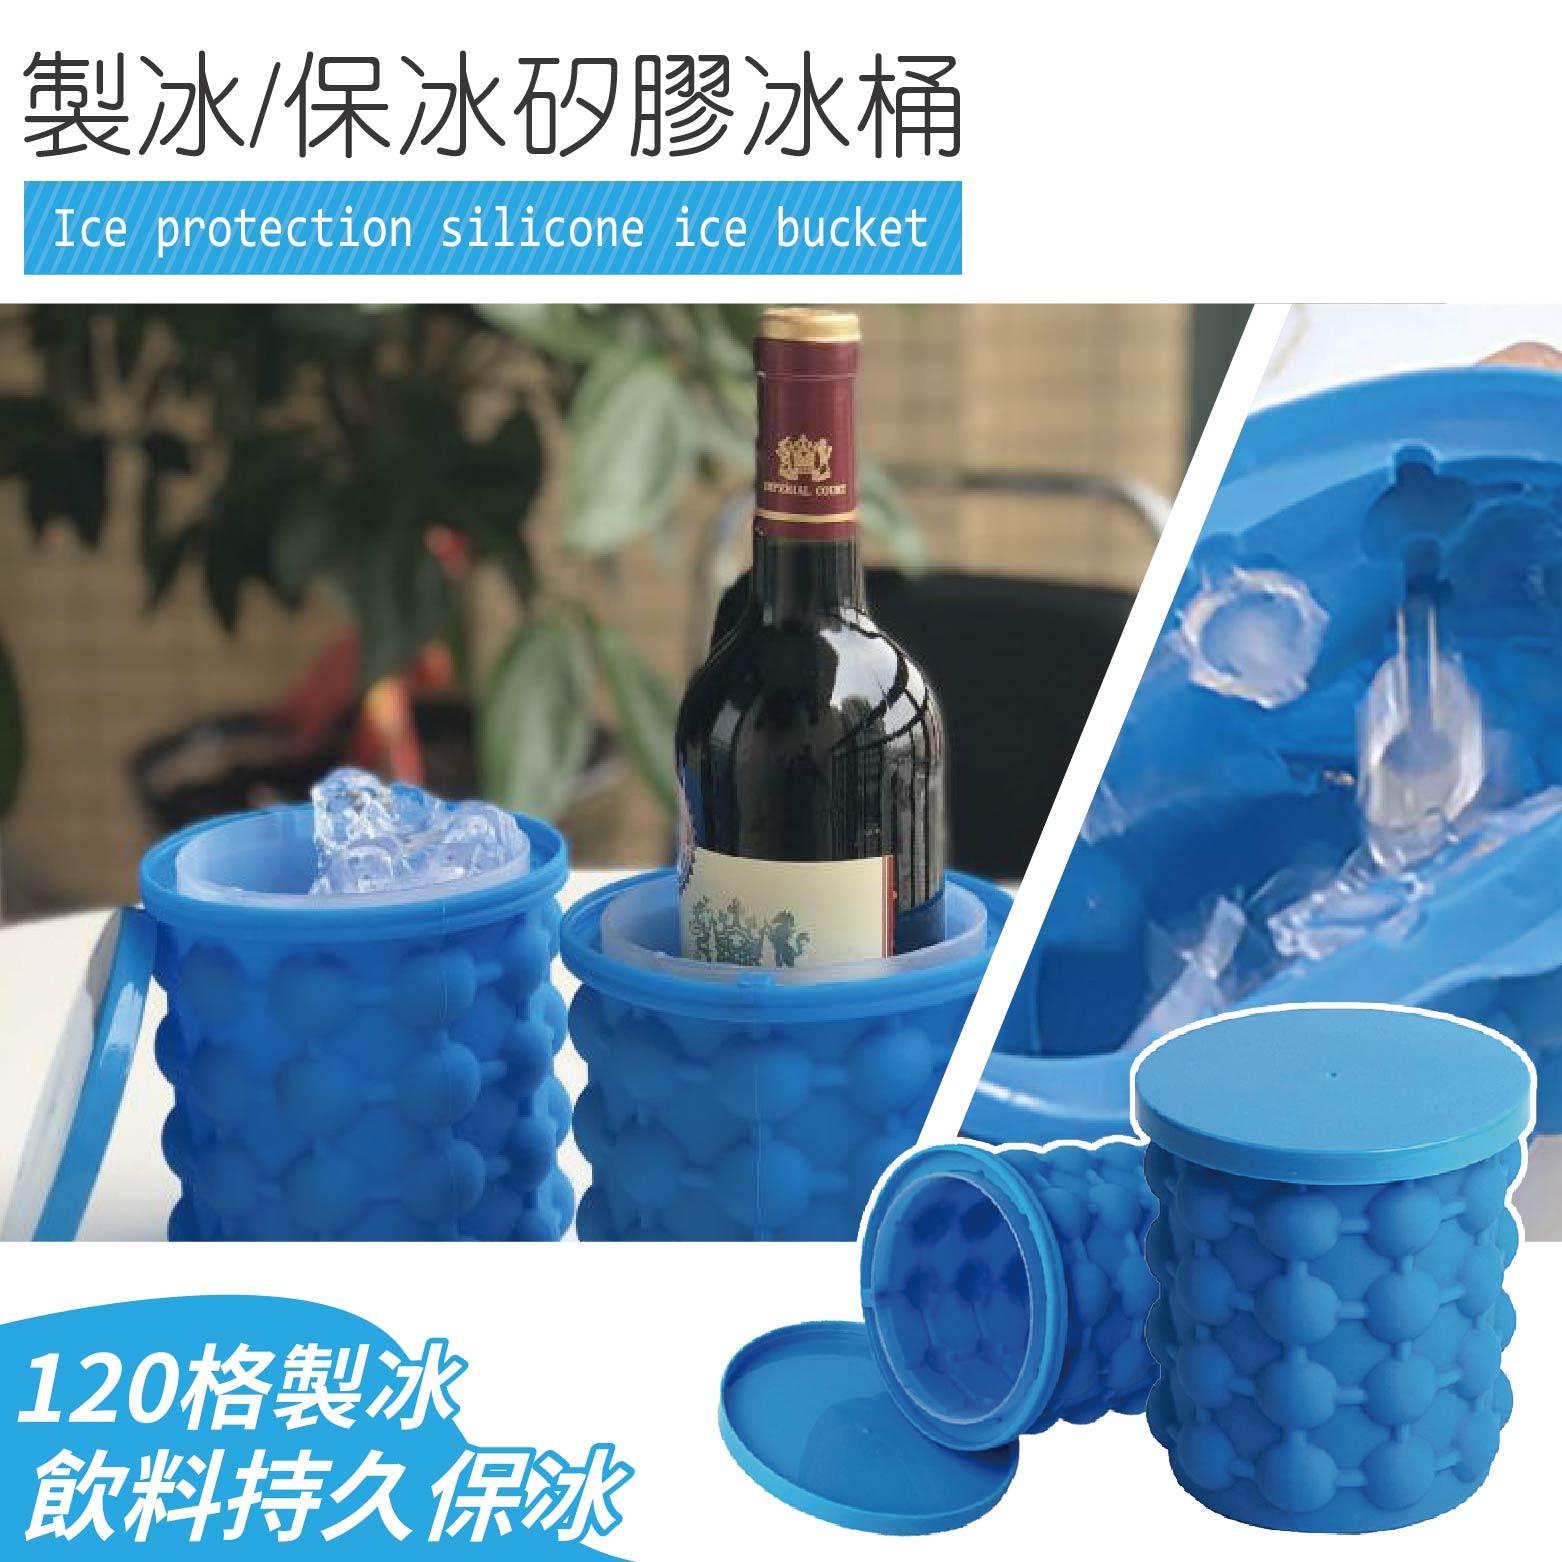 百寶袋【消暑神器】 極夏魔冰桶 製冰桶 冰桶 ice genie saving ice 製冰神器 矽膠冰桶【BE257】